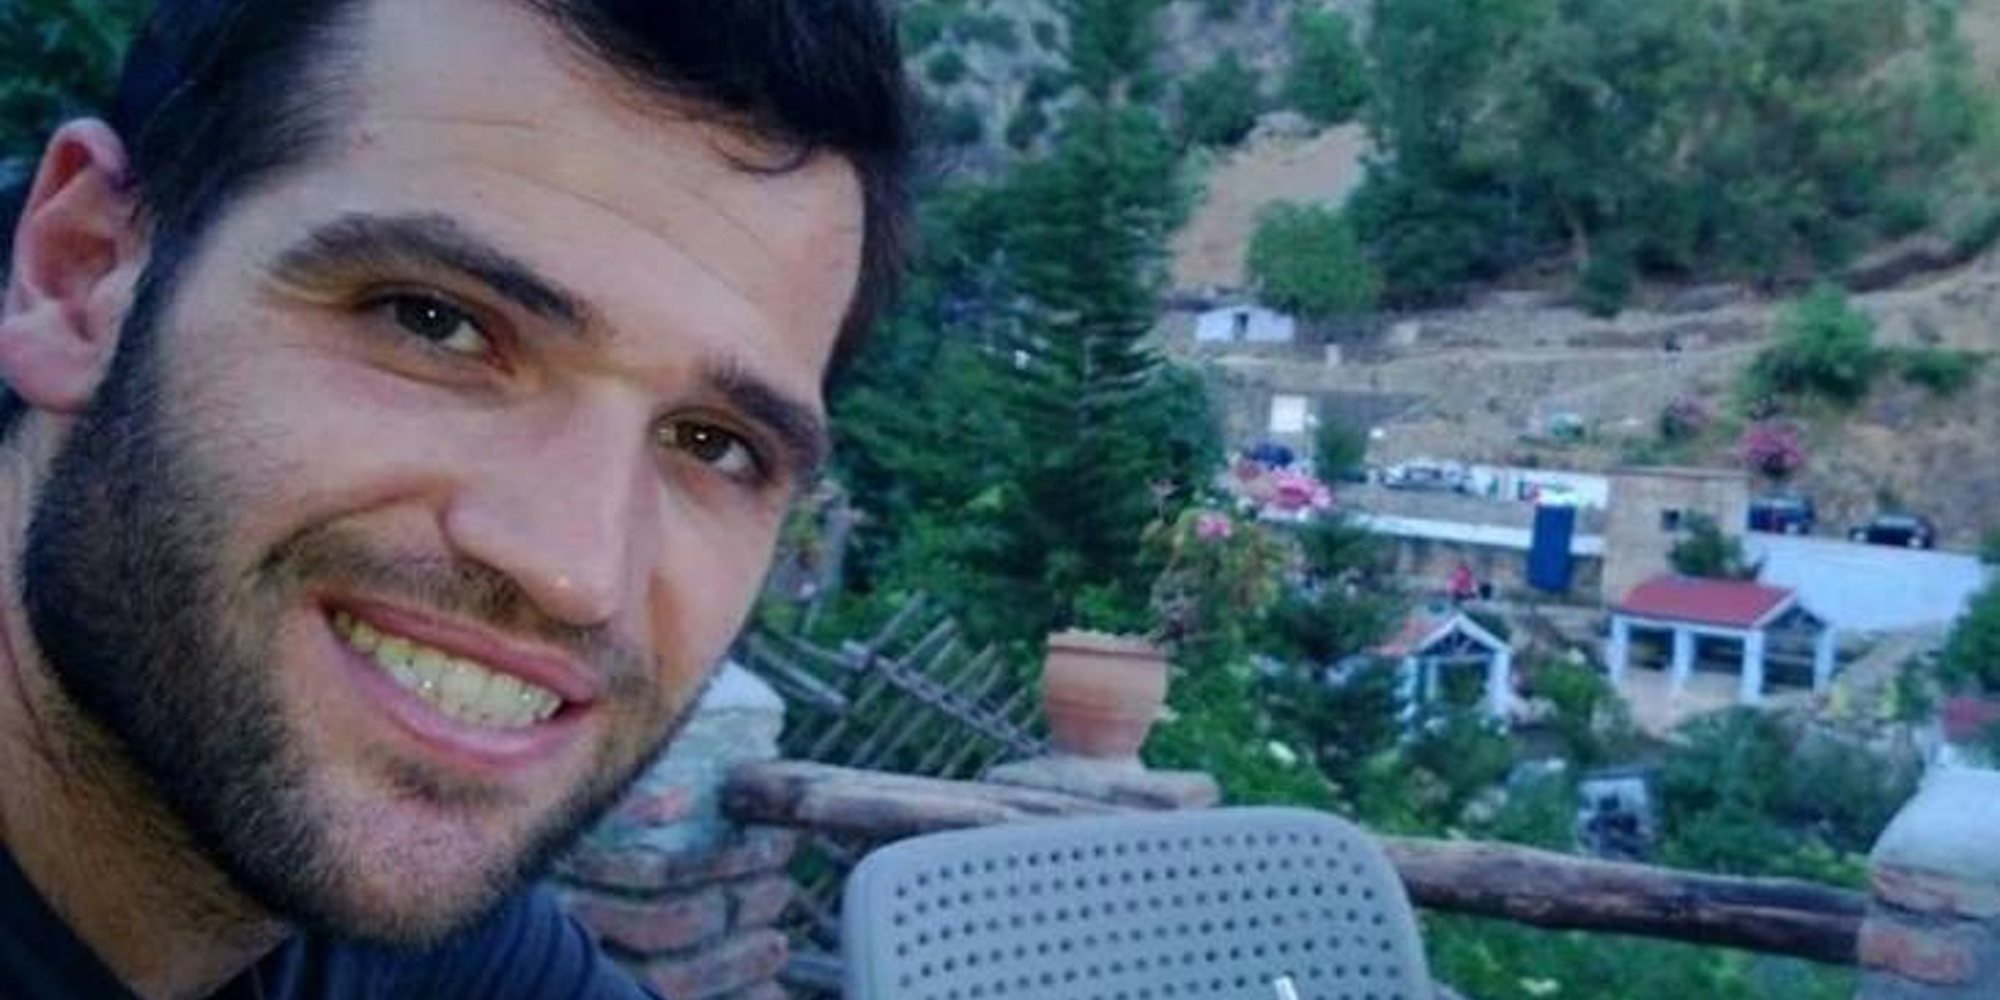 Muere el exfutbolista y periodista Carlos Matallanas a los 39 años a causa del ELA